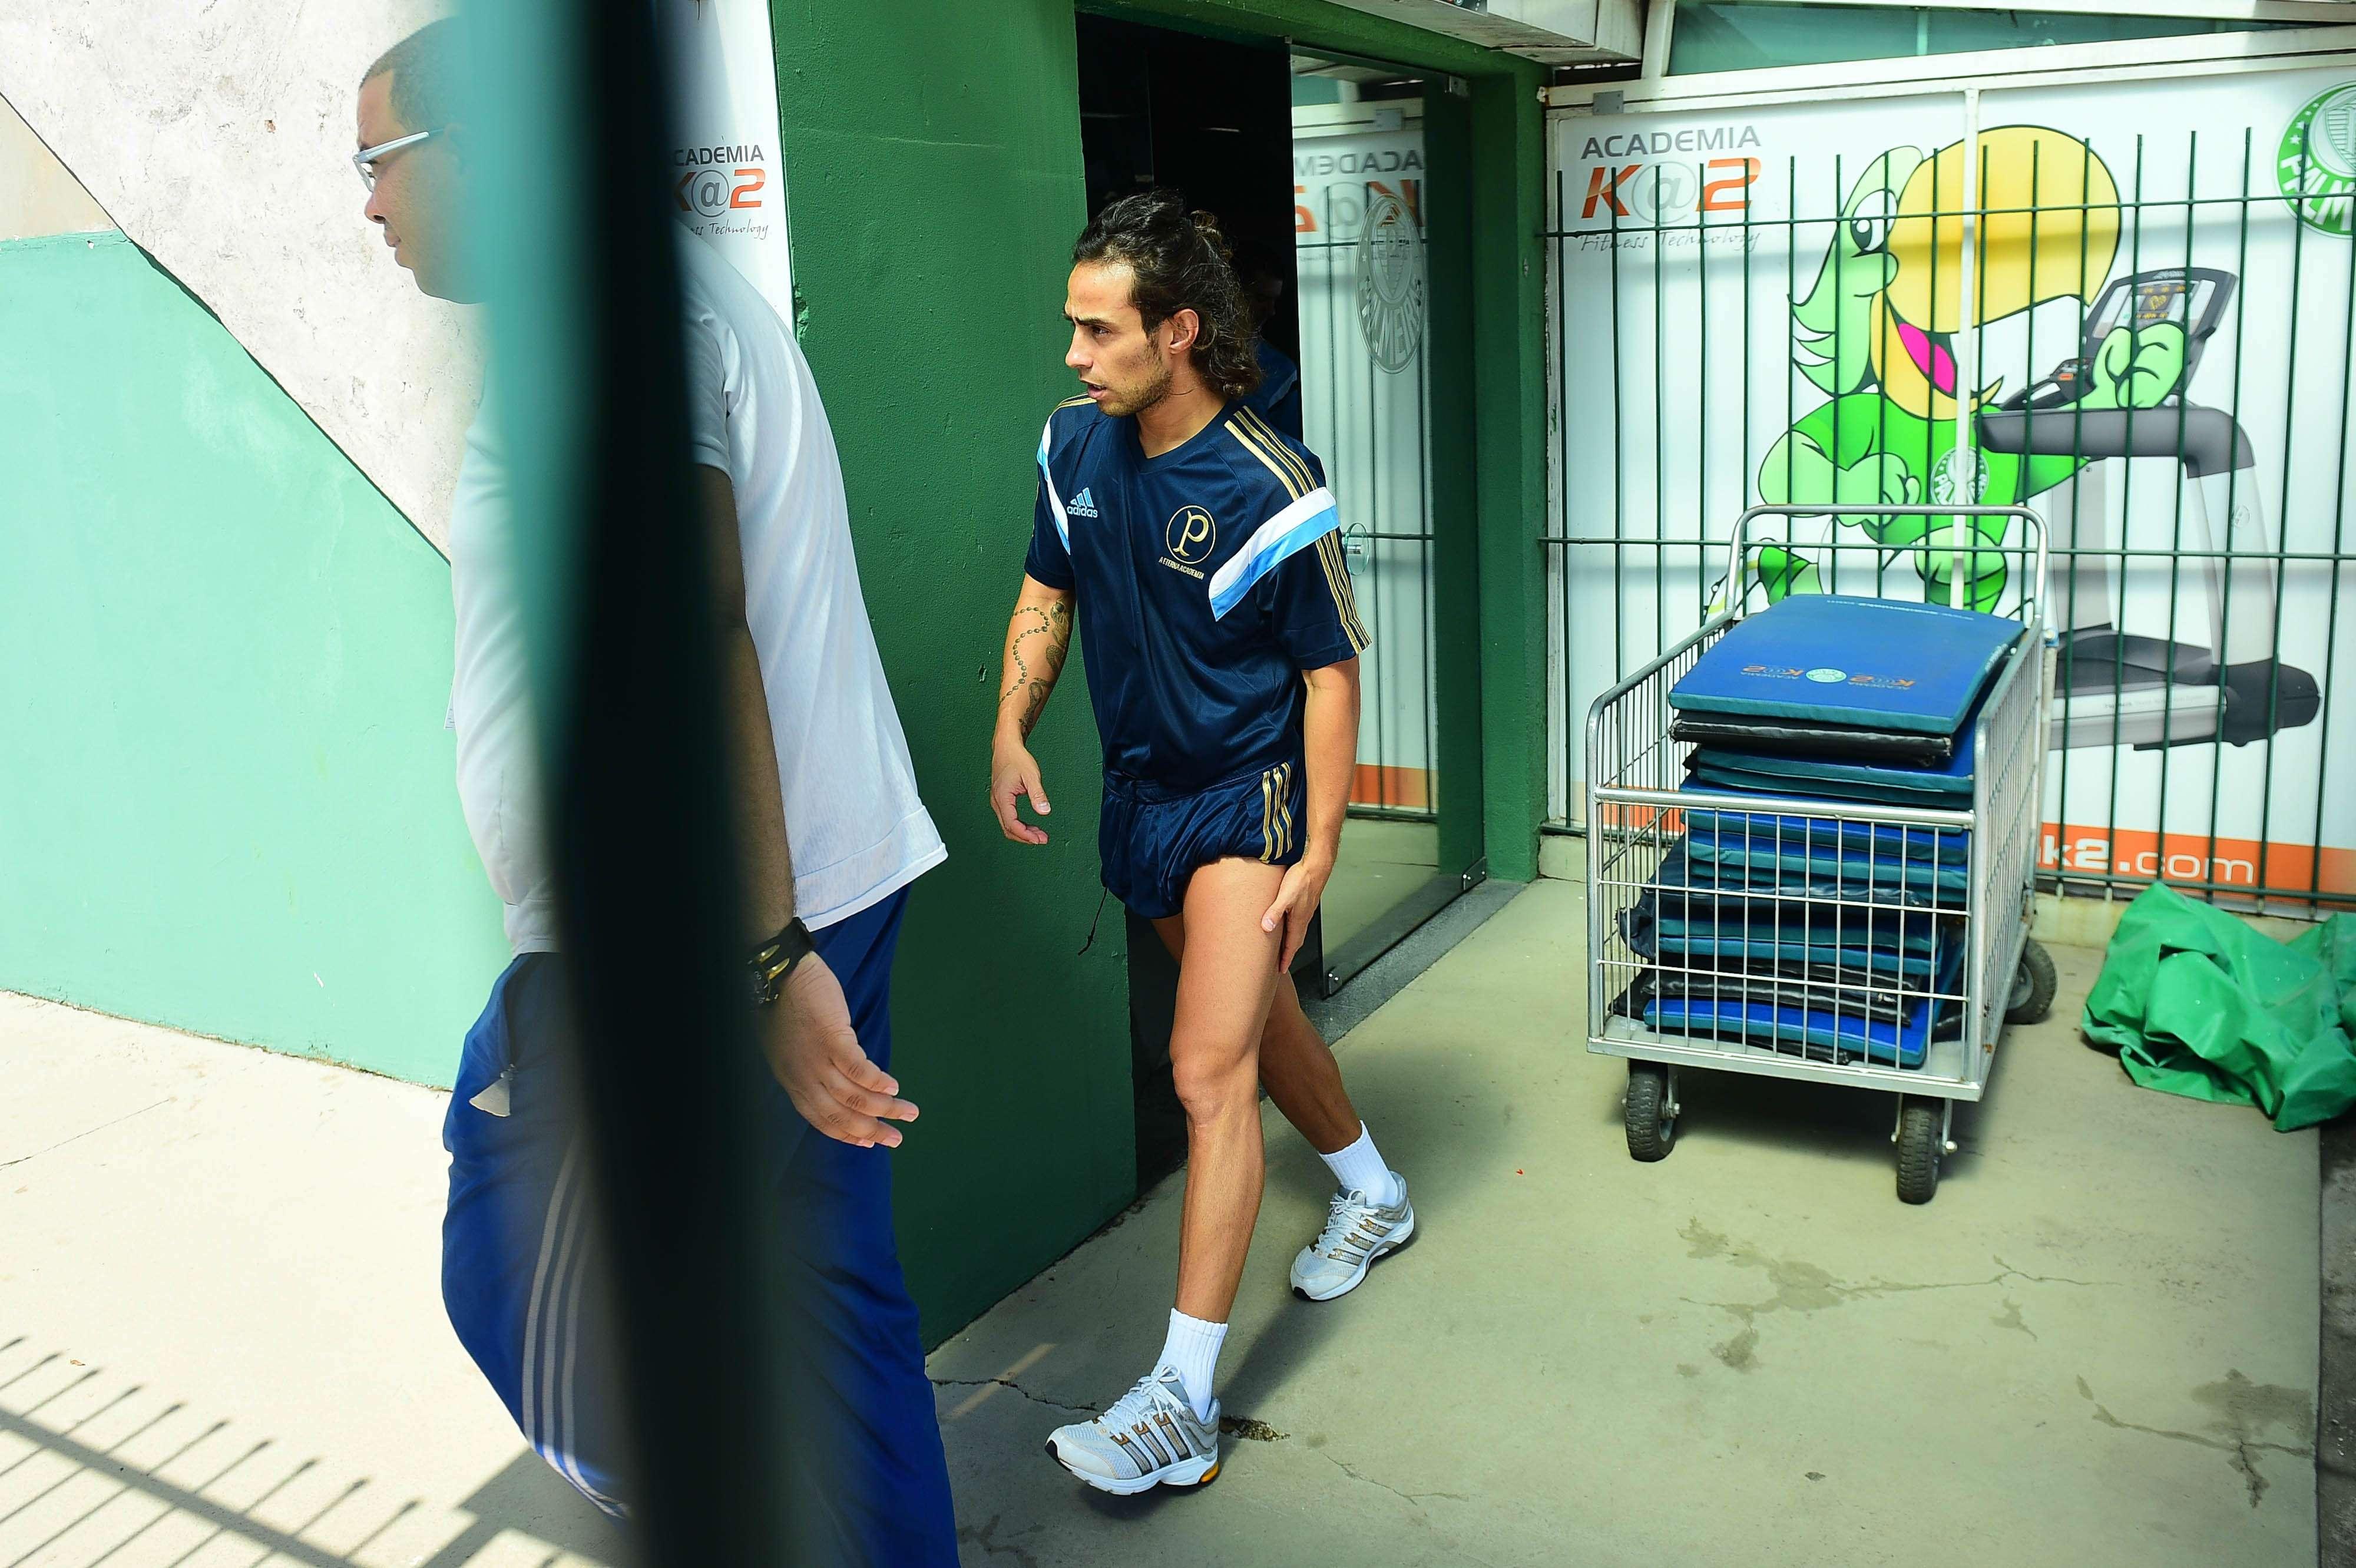 Valdivia na academia do CT do Palmeiras: aparelhos devem ser trocados Foto: Sergio Barzaghi/Gazeta Press